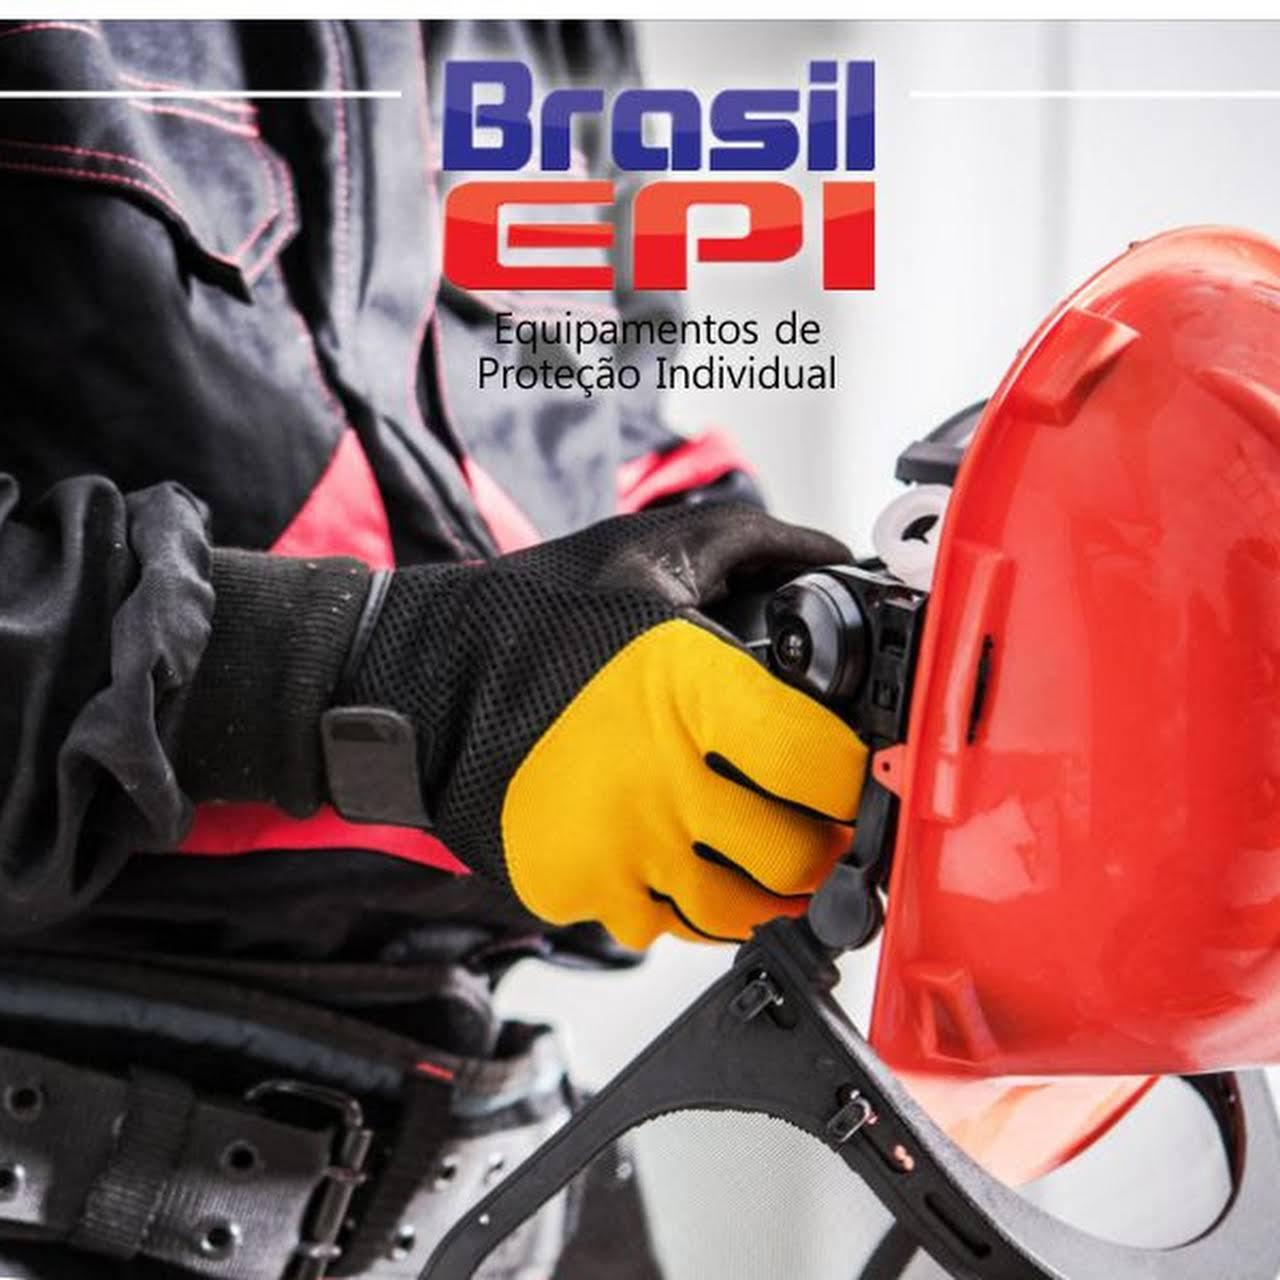 eb1c01b47c695 Brasil EPI - Equipamentos de Proteção Individual - Loja de ...